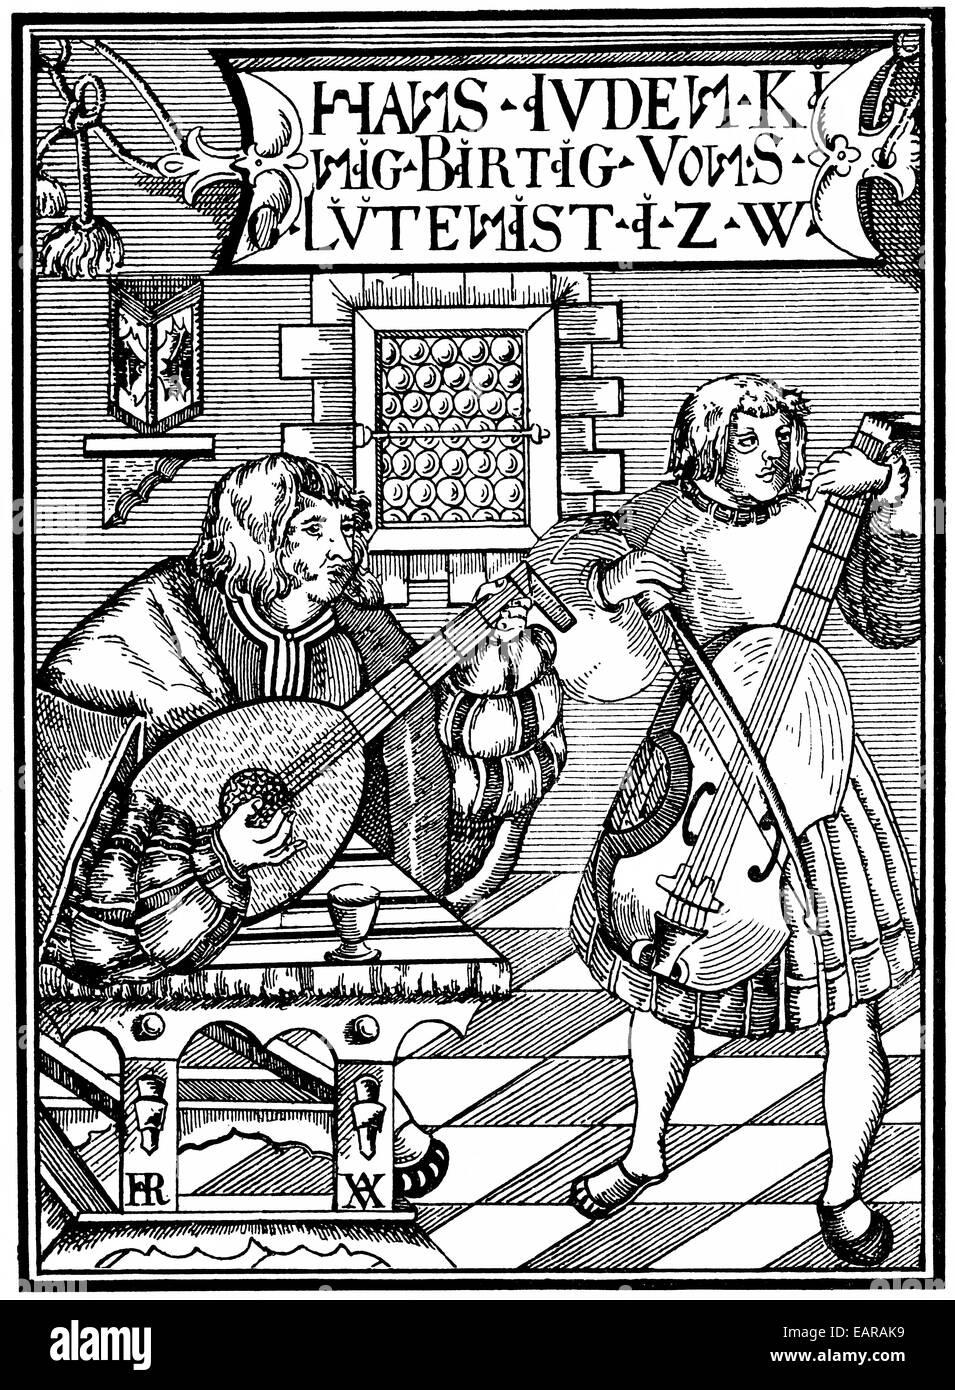 Faksimile des Deckblatts einer Laute Schule mit alten Musikinstrumenten, von 1523, Titelseite Einer Lautenschule Stockbild